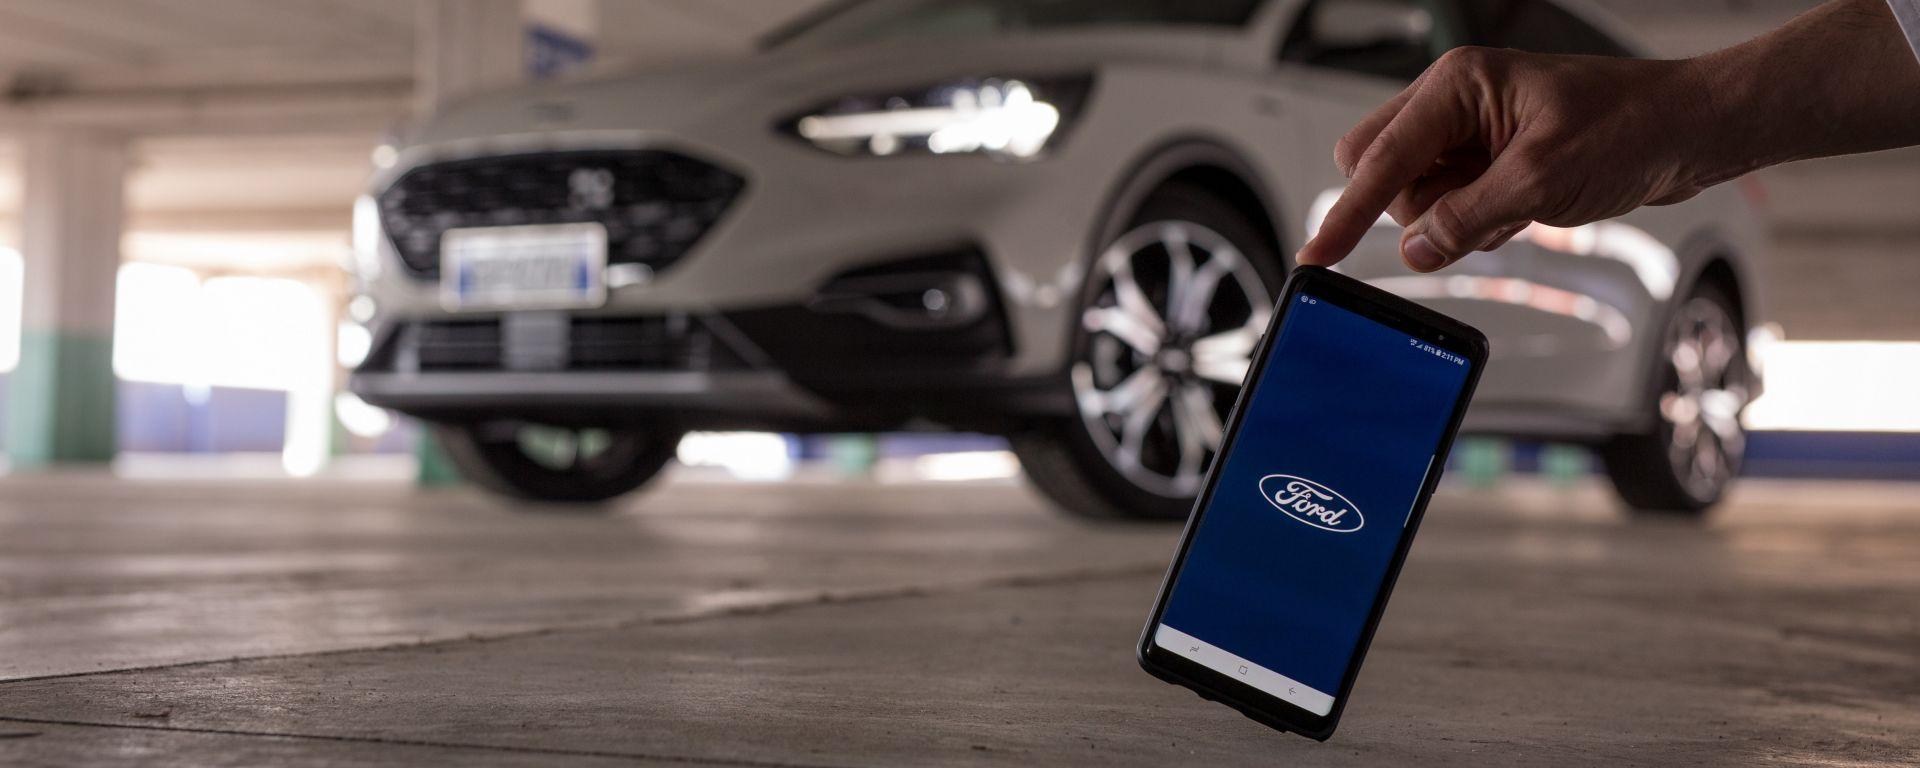 FordPass: ecco a cosa servono le app delle auto